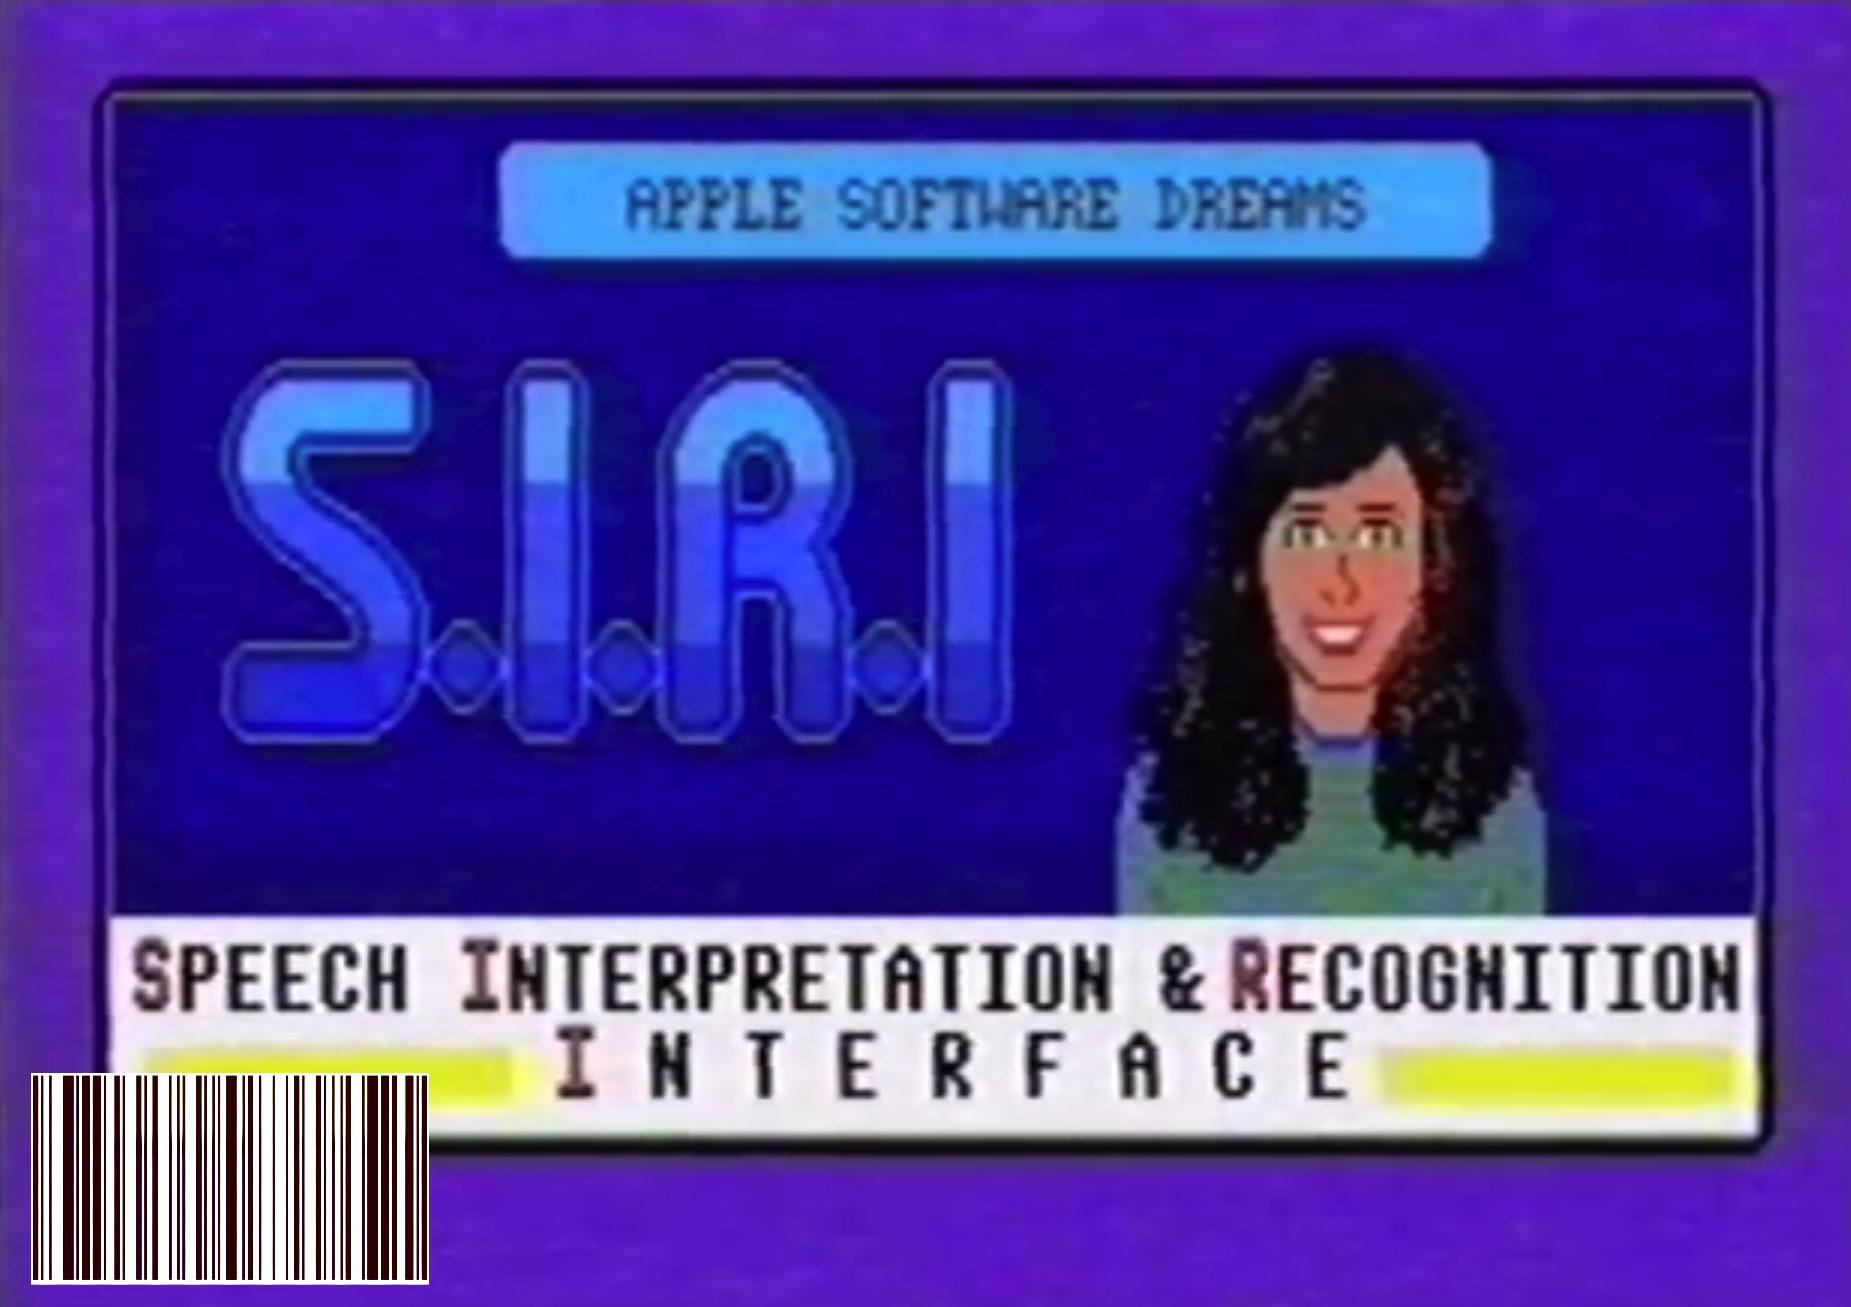 لحظة الفكاهة: كيف سيكون سيري في الثمانينيات؟